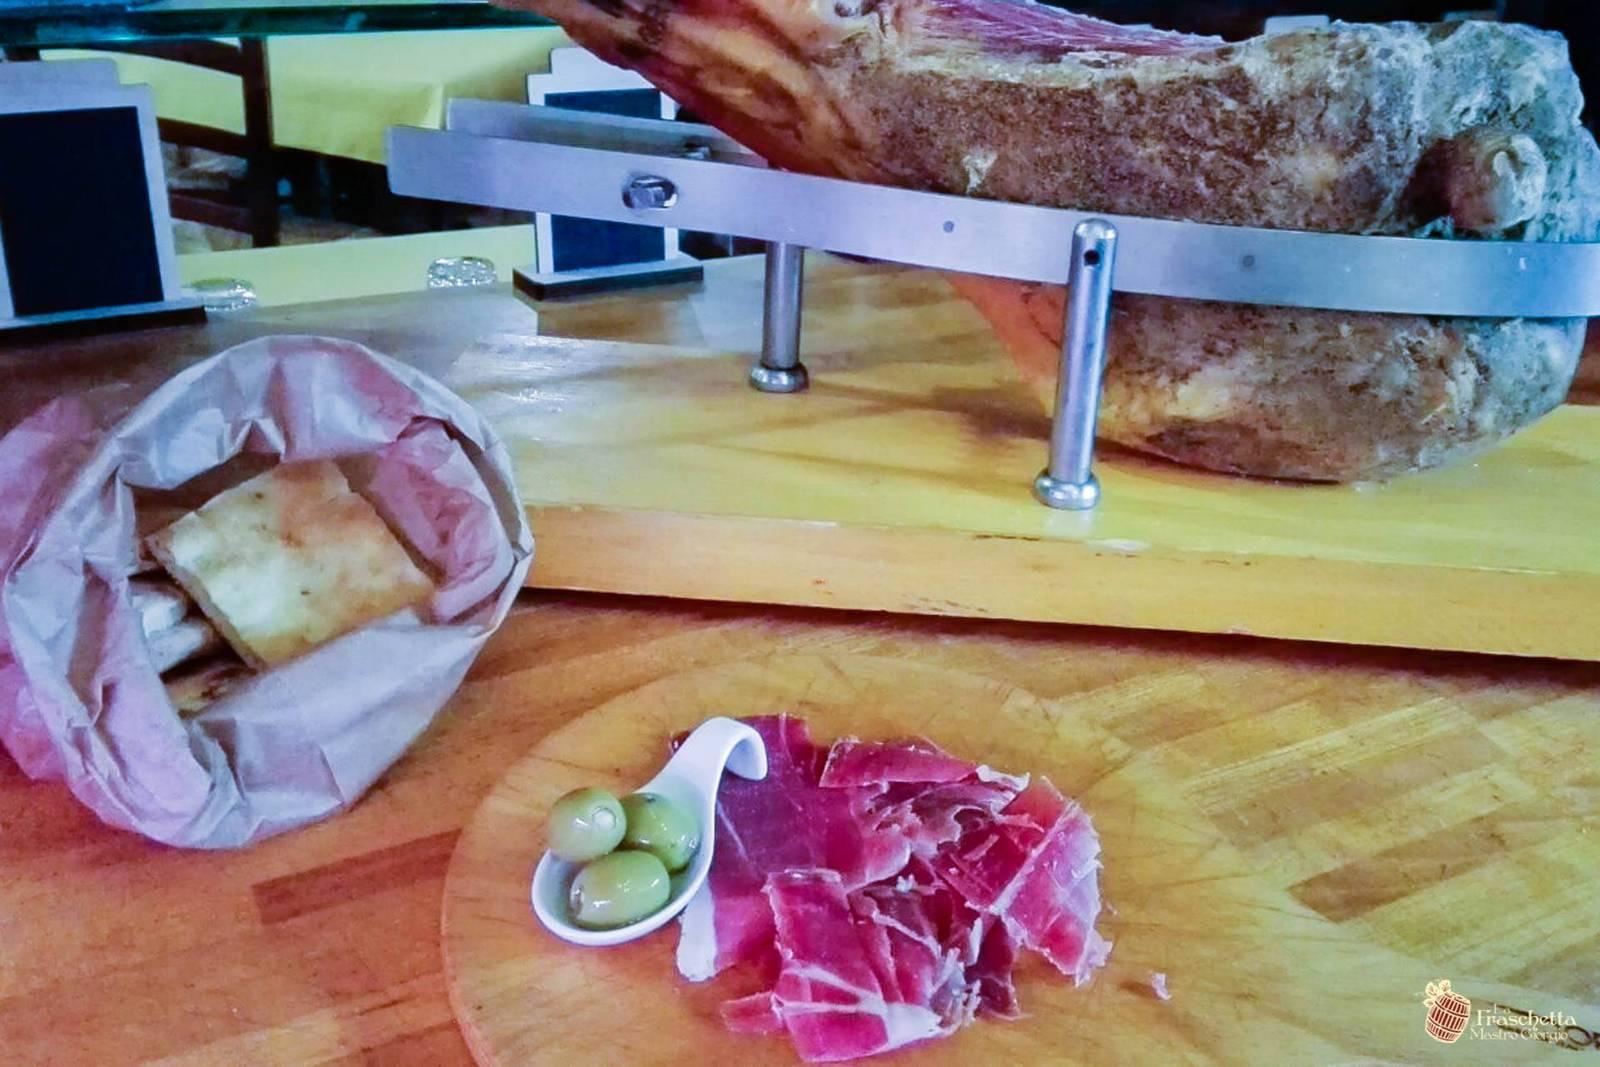 Tuscan prosciutto 18 months D.O.P. hand cut